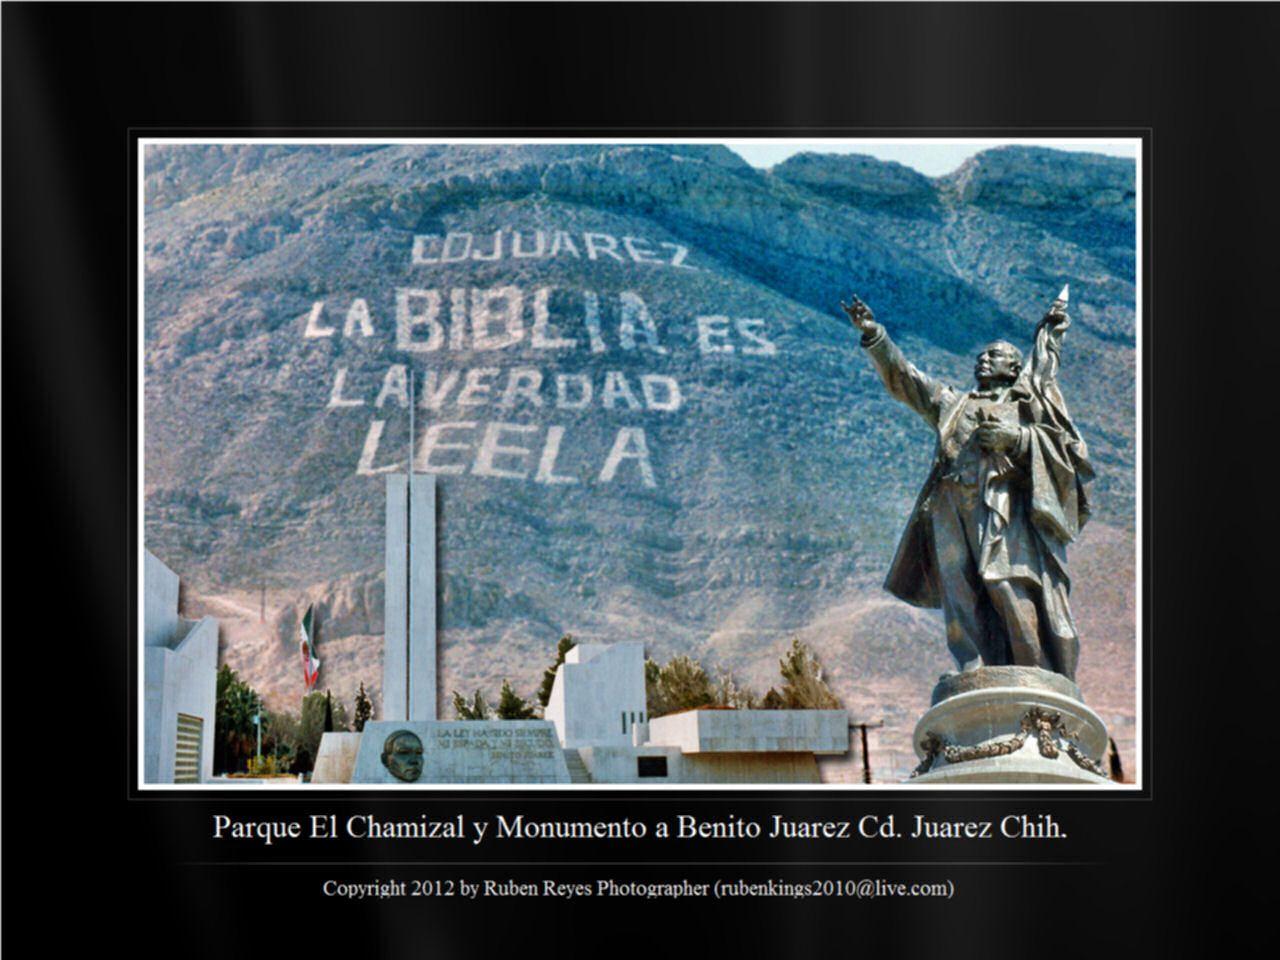 Parque El Chamizal y Monumento a Benito Juarez en Cd. Juarez Chih.